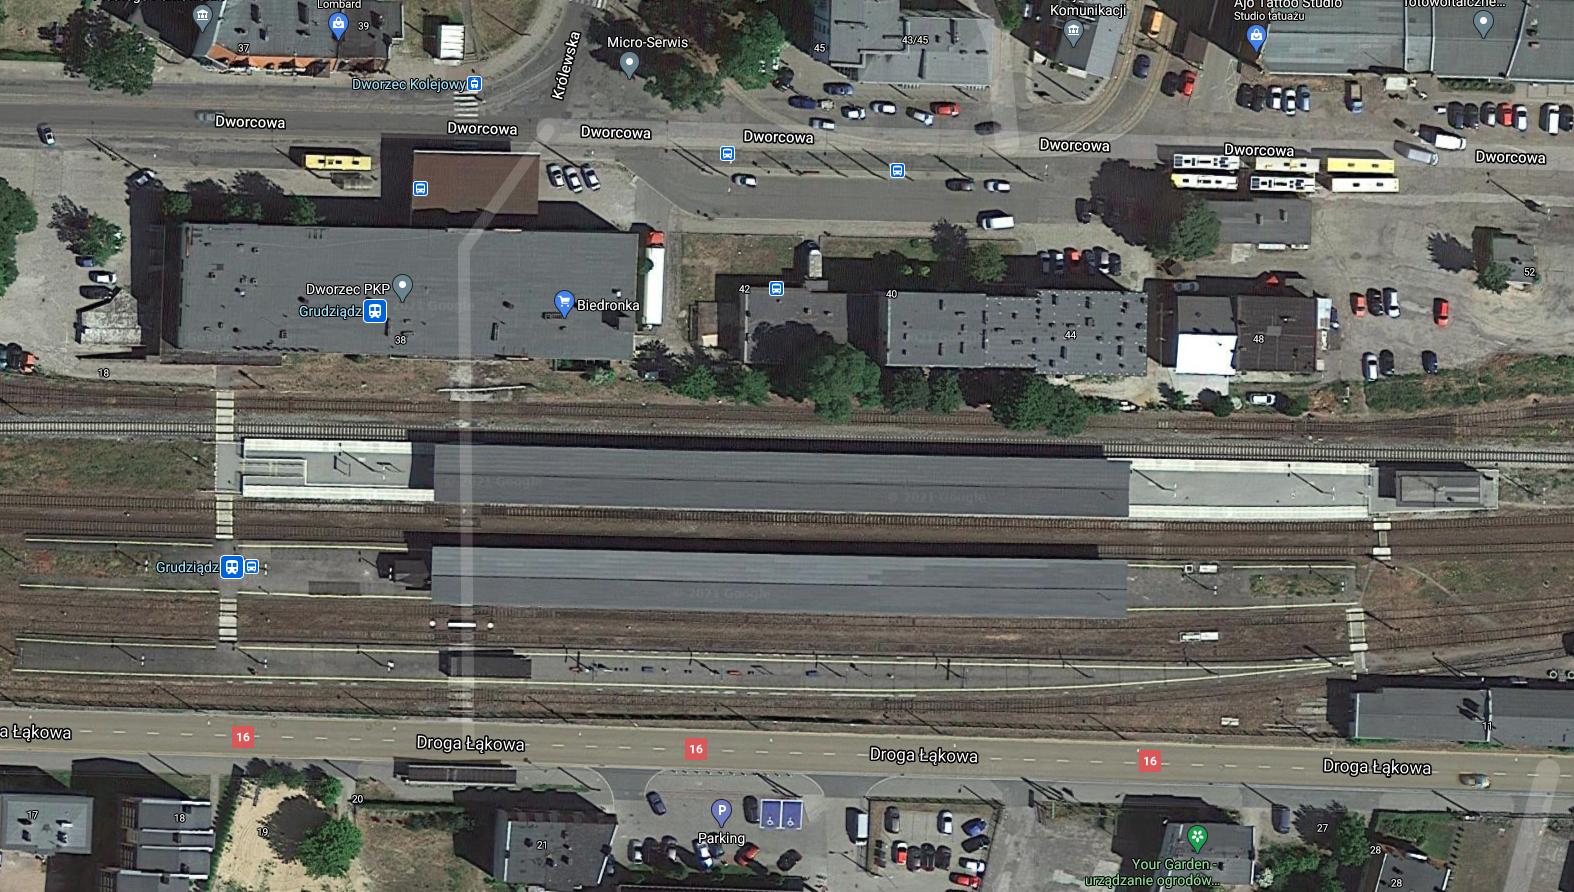 Dworzec kolejowy Grudziądz. 2021 rok. Zdjęcie Google